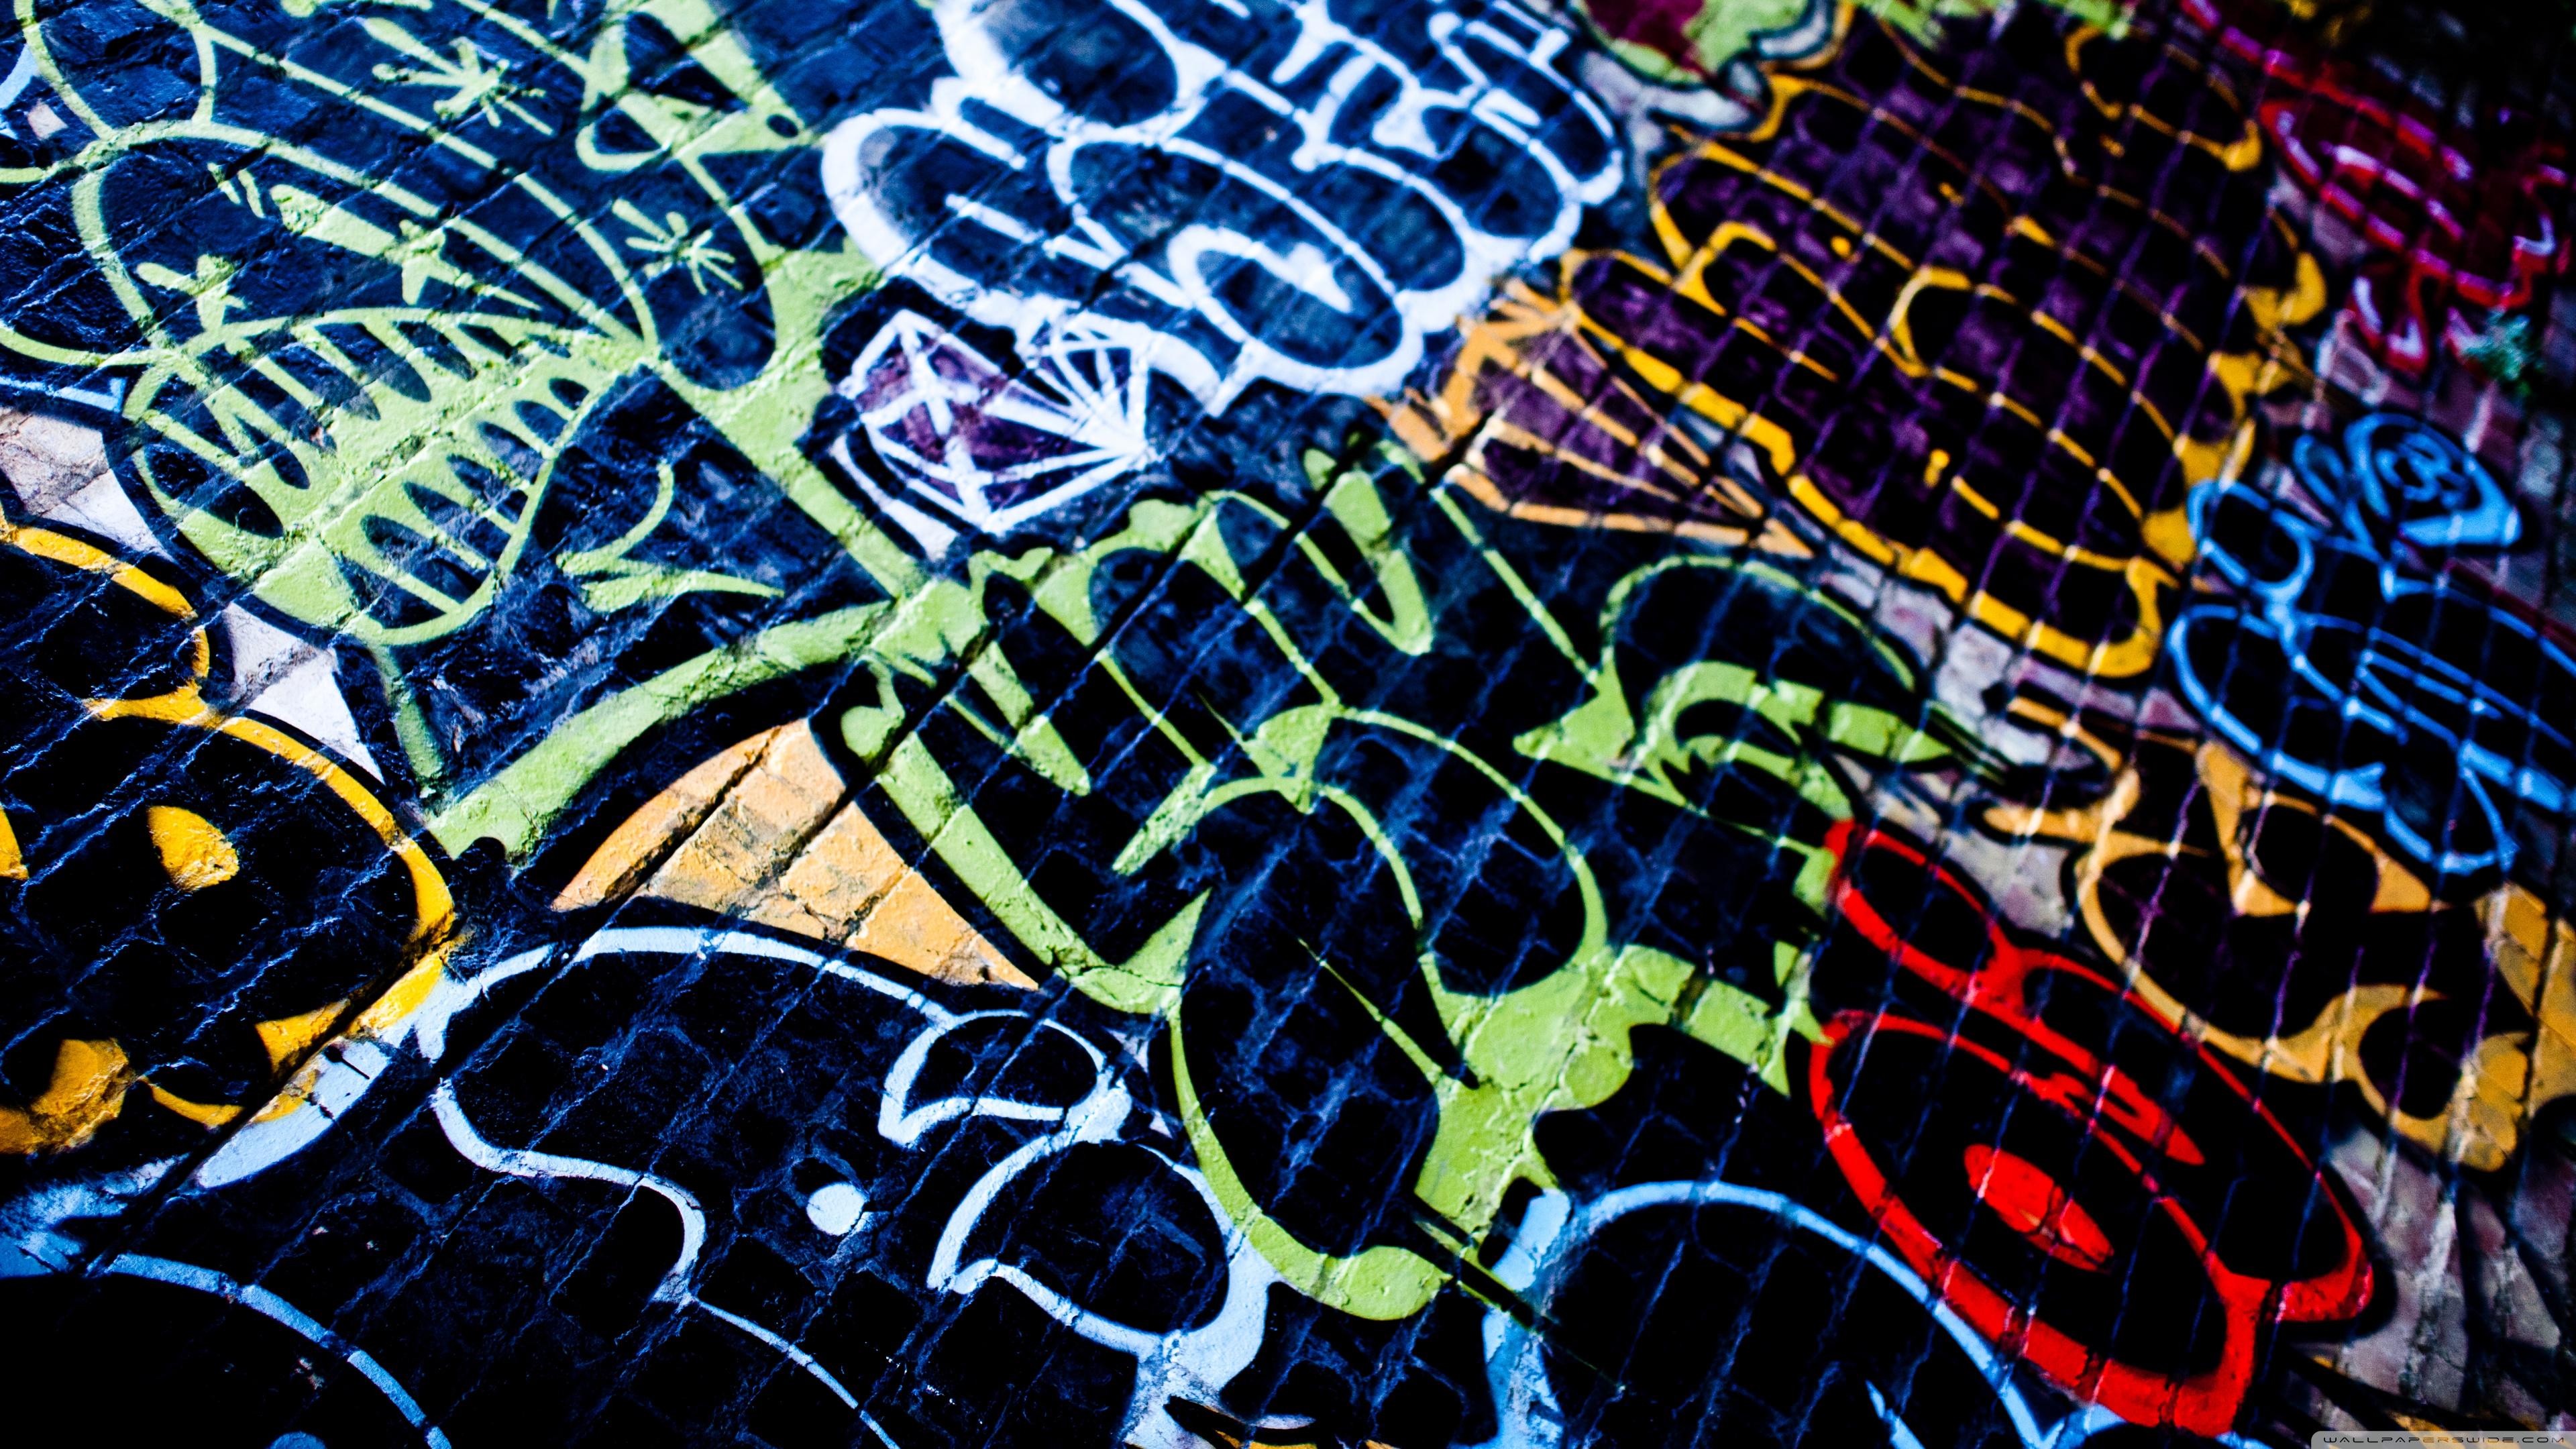 Graffiti HD desktop wallpaper : Widescreen : High Definition